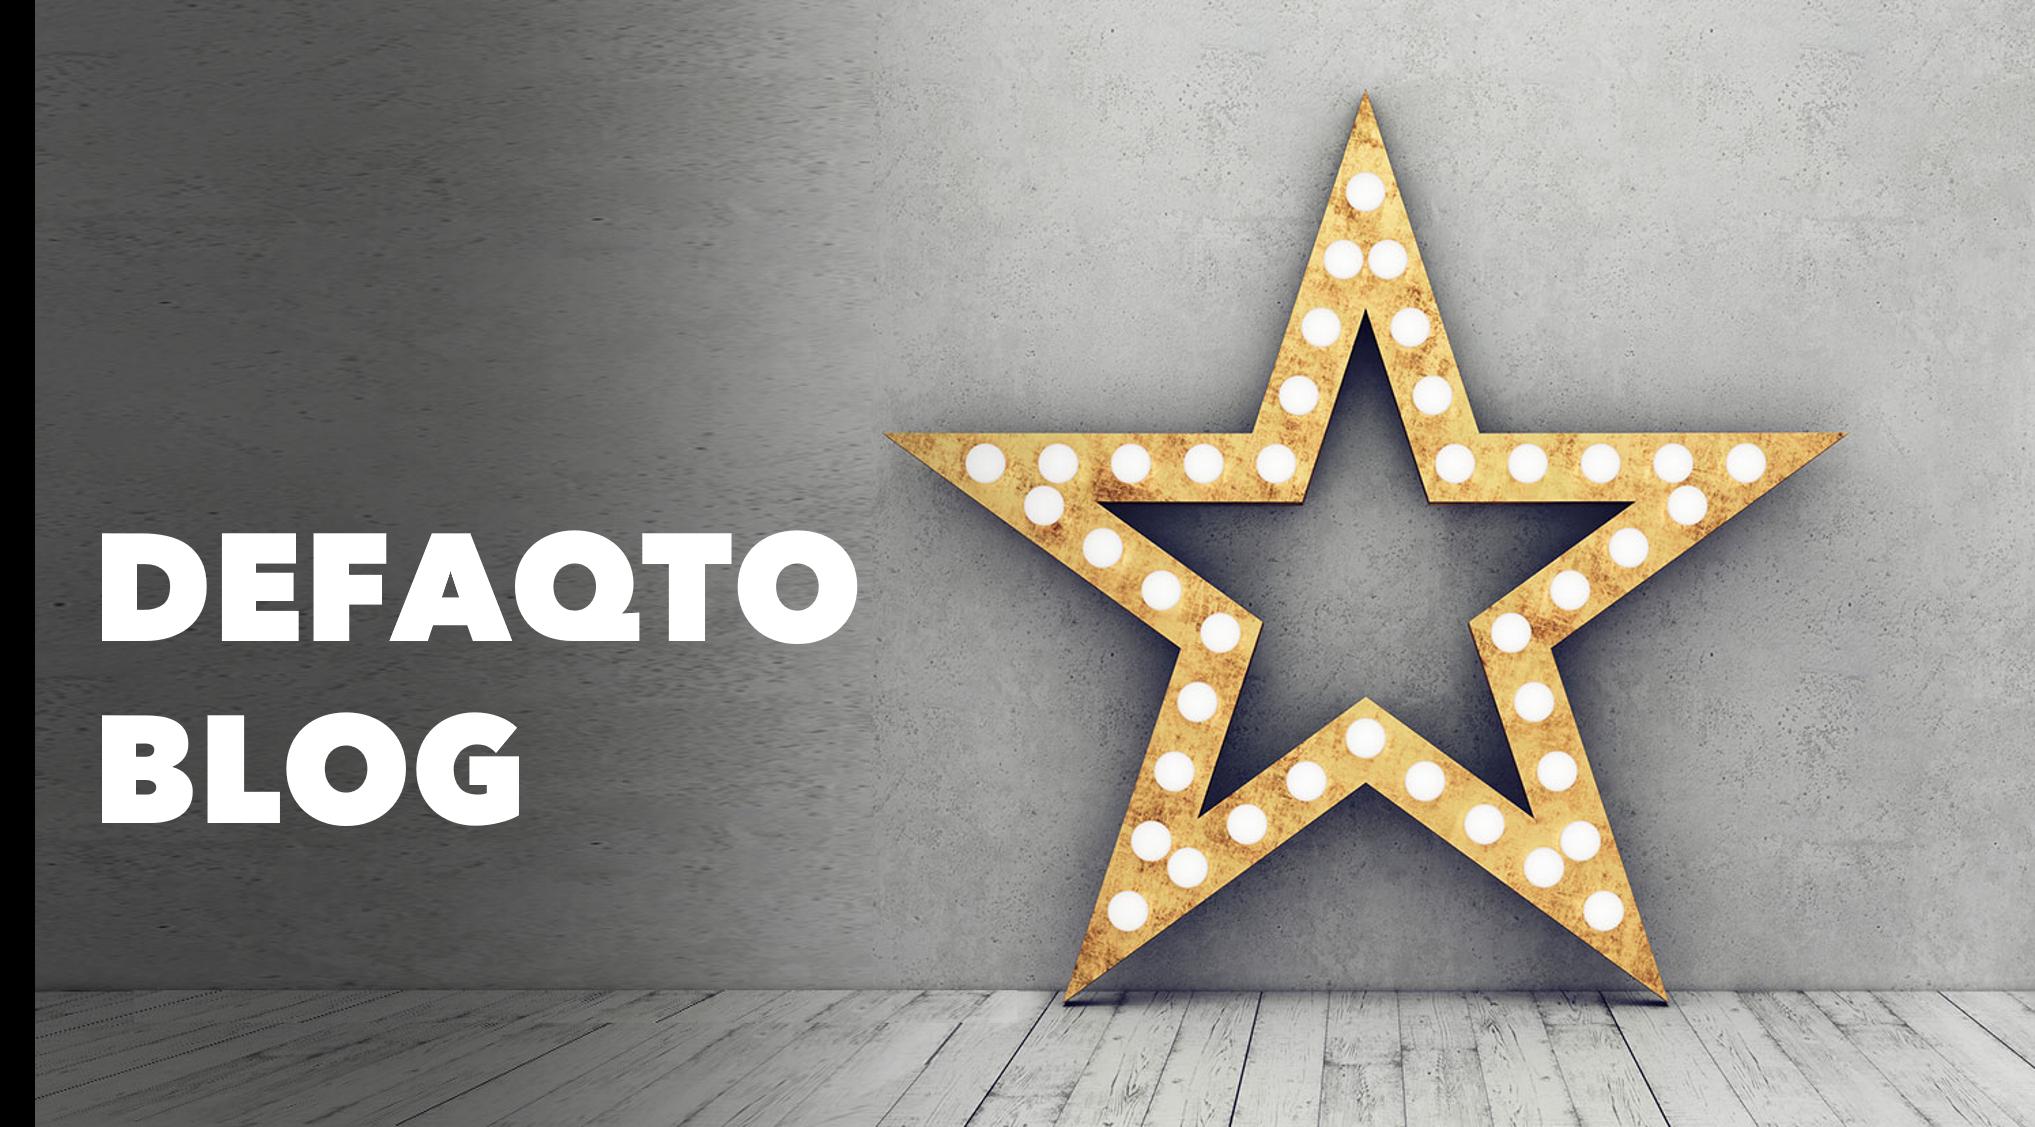 Defaqto Blog